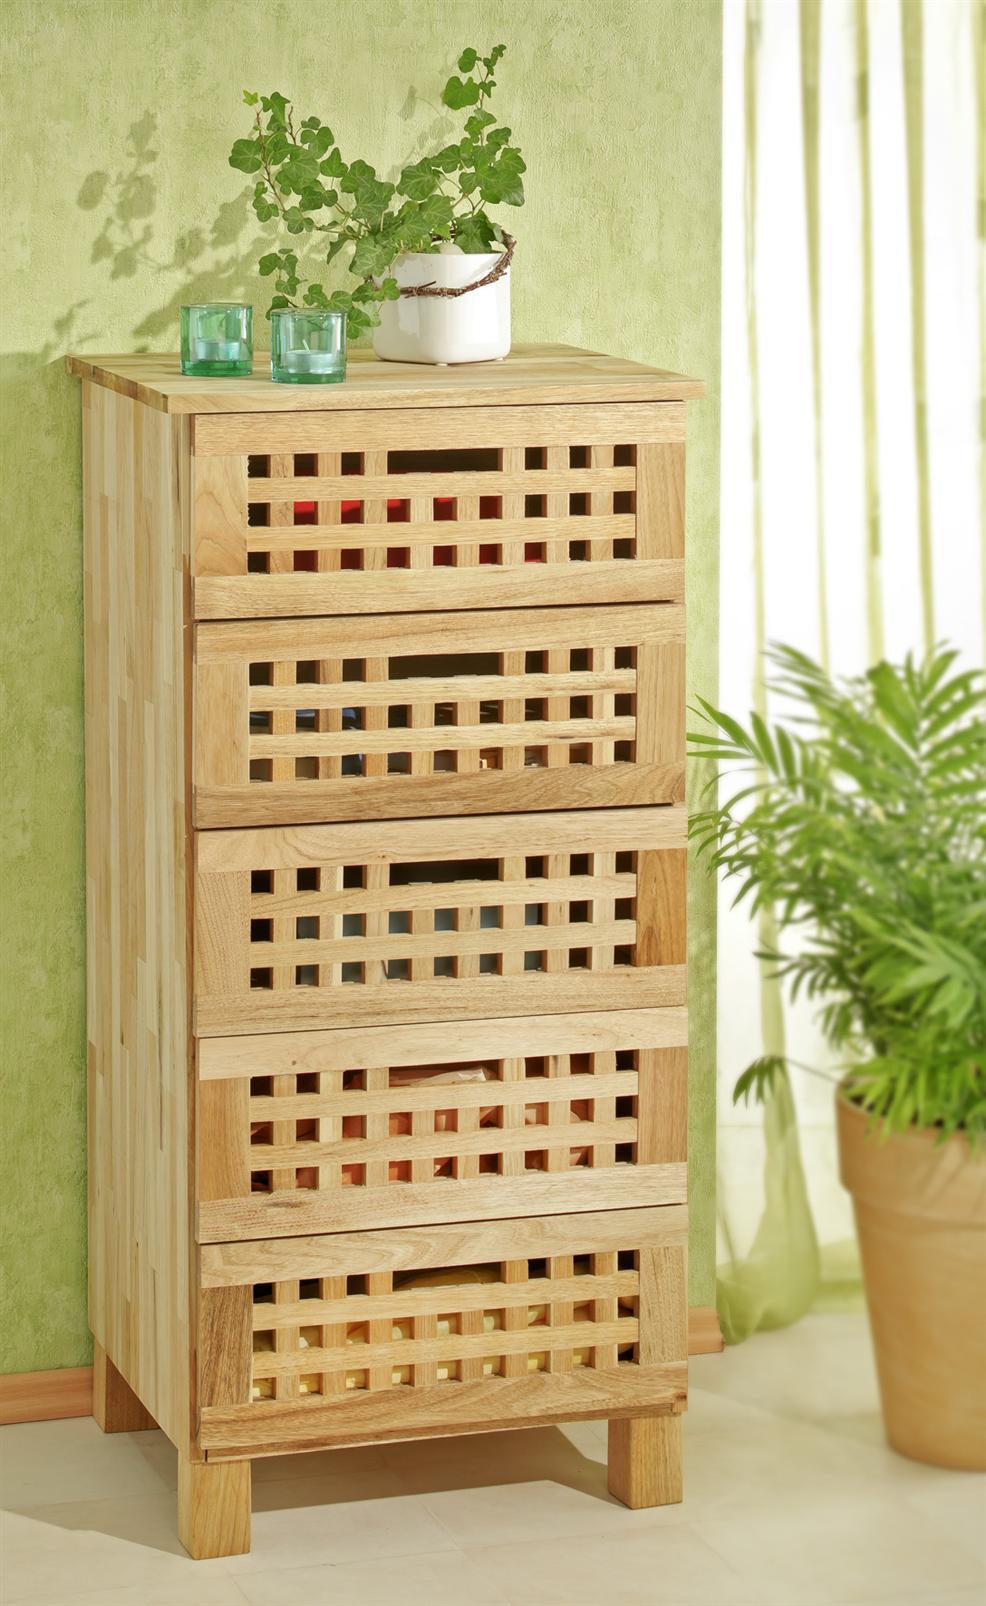 schrank mit 5 schubladen aus walnusholz kommode aus holz ebay. Black Bedroom Furniture Sets. Home Design Ideas